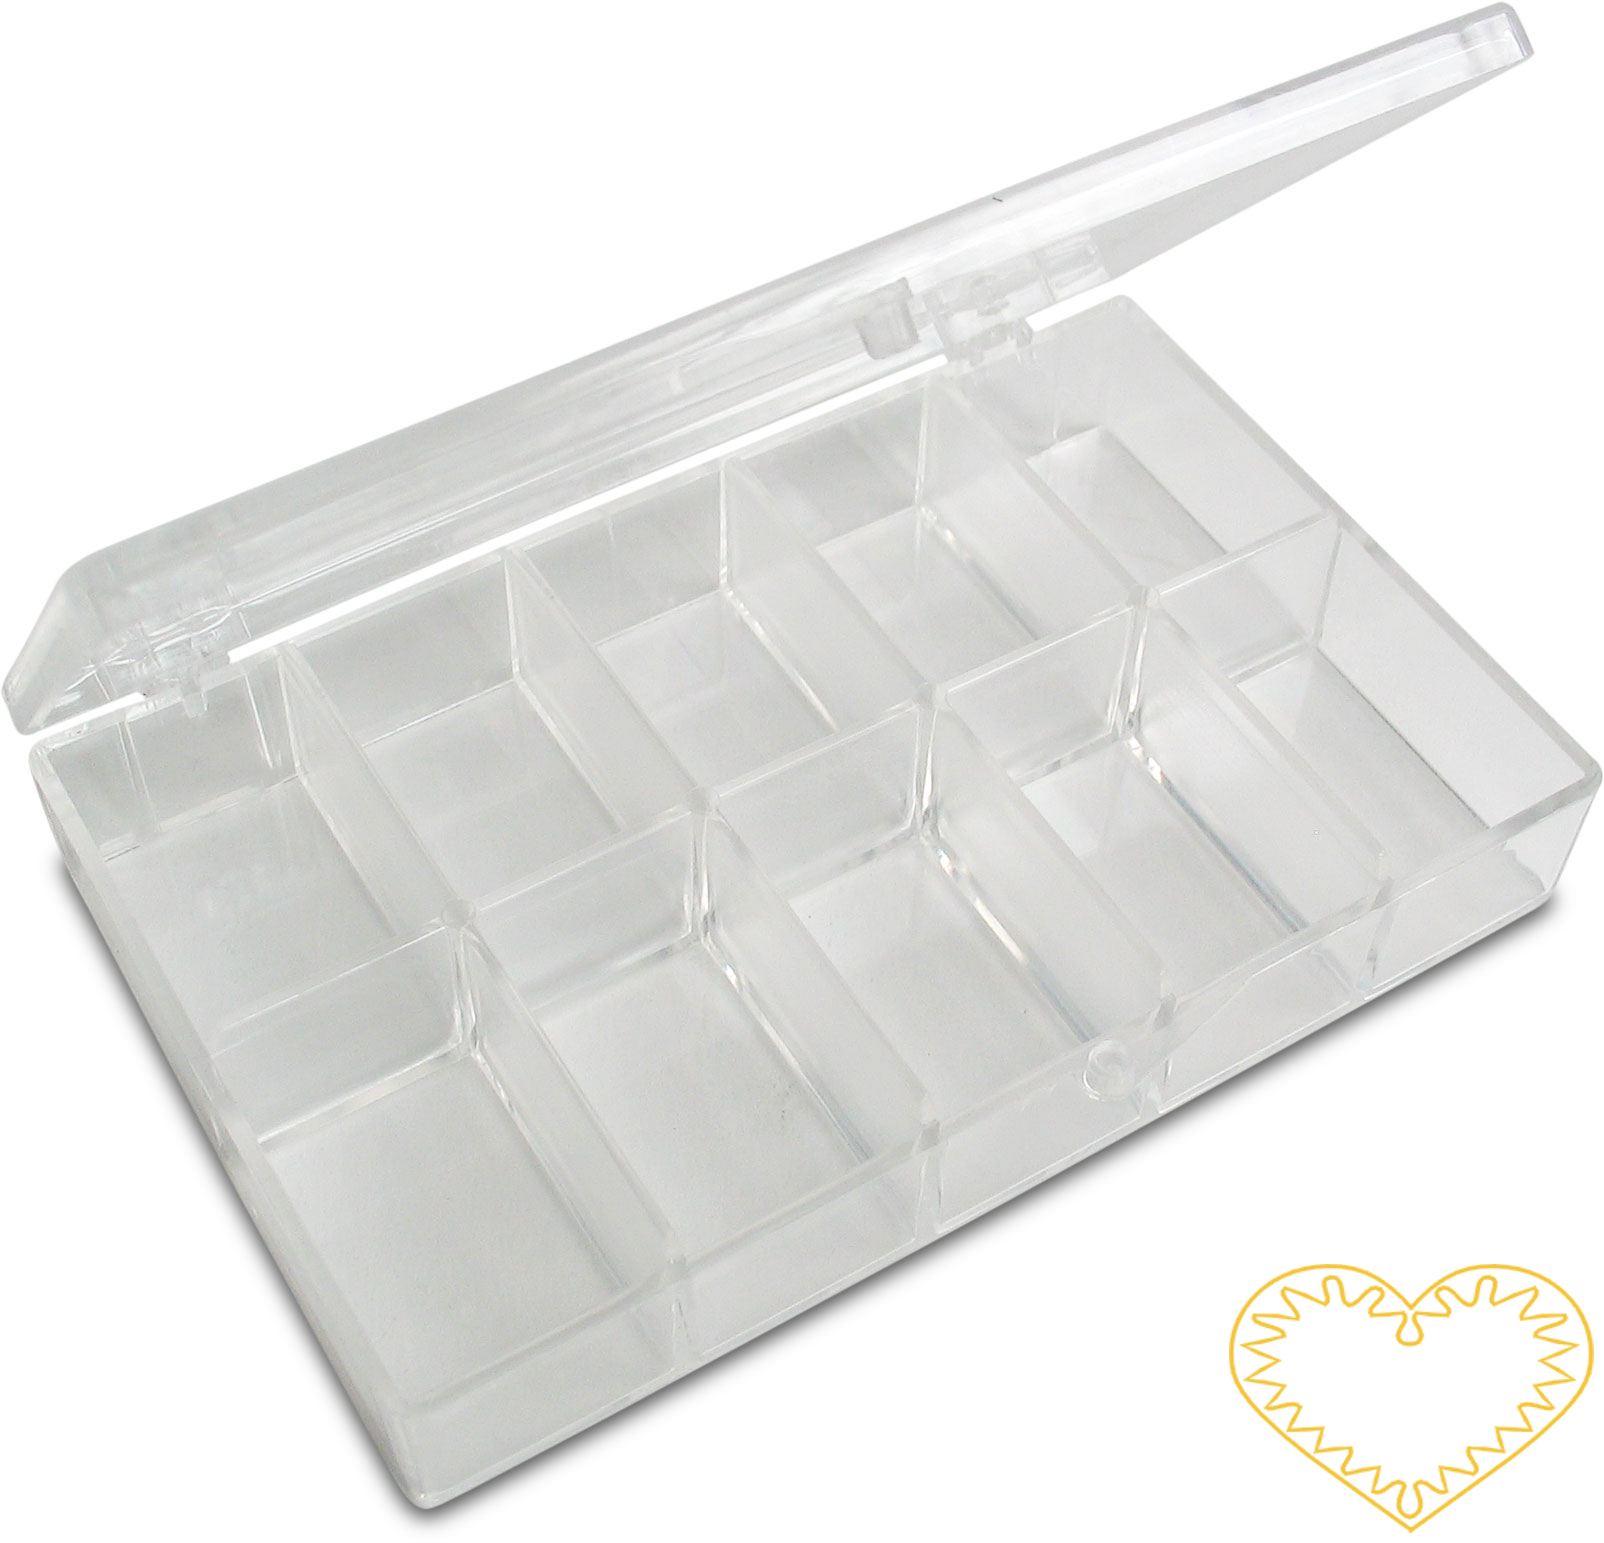 Plastový otevírací zásobník - krabička na korálky. Rozměr boxu: 120 x 75 x 22 mm. V boxu je ve dvou řadách po pěti příhrádkách, tedy celkem 10 ks.